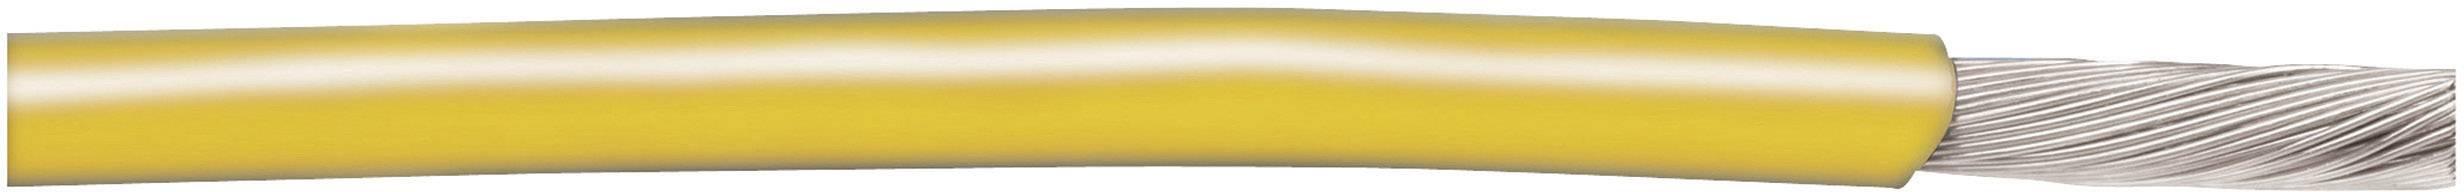 Opletenie / lanko AlphaWire 3050 GR005 1 x 0.20 mm², vonkajší Ø 1.42 mm, 30.5 m, zelená